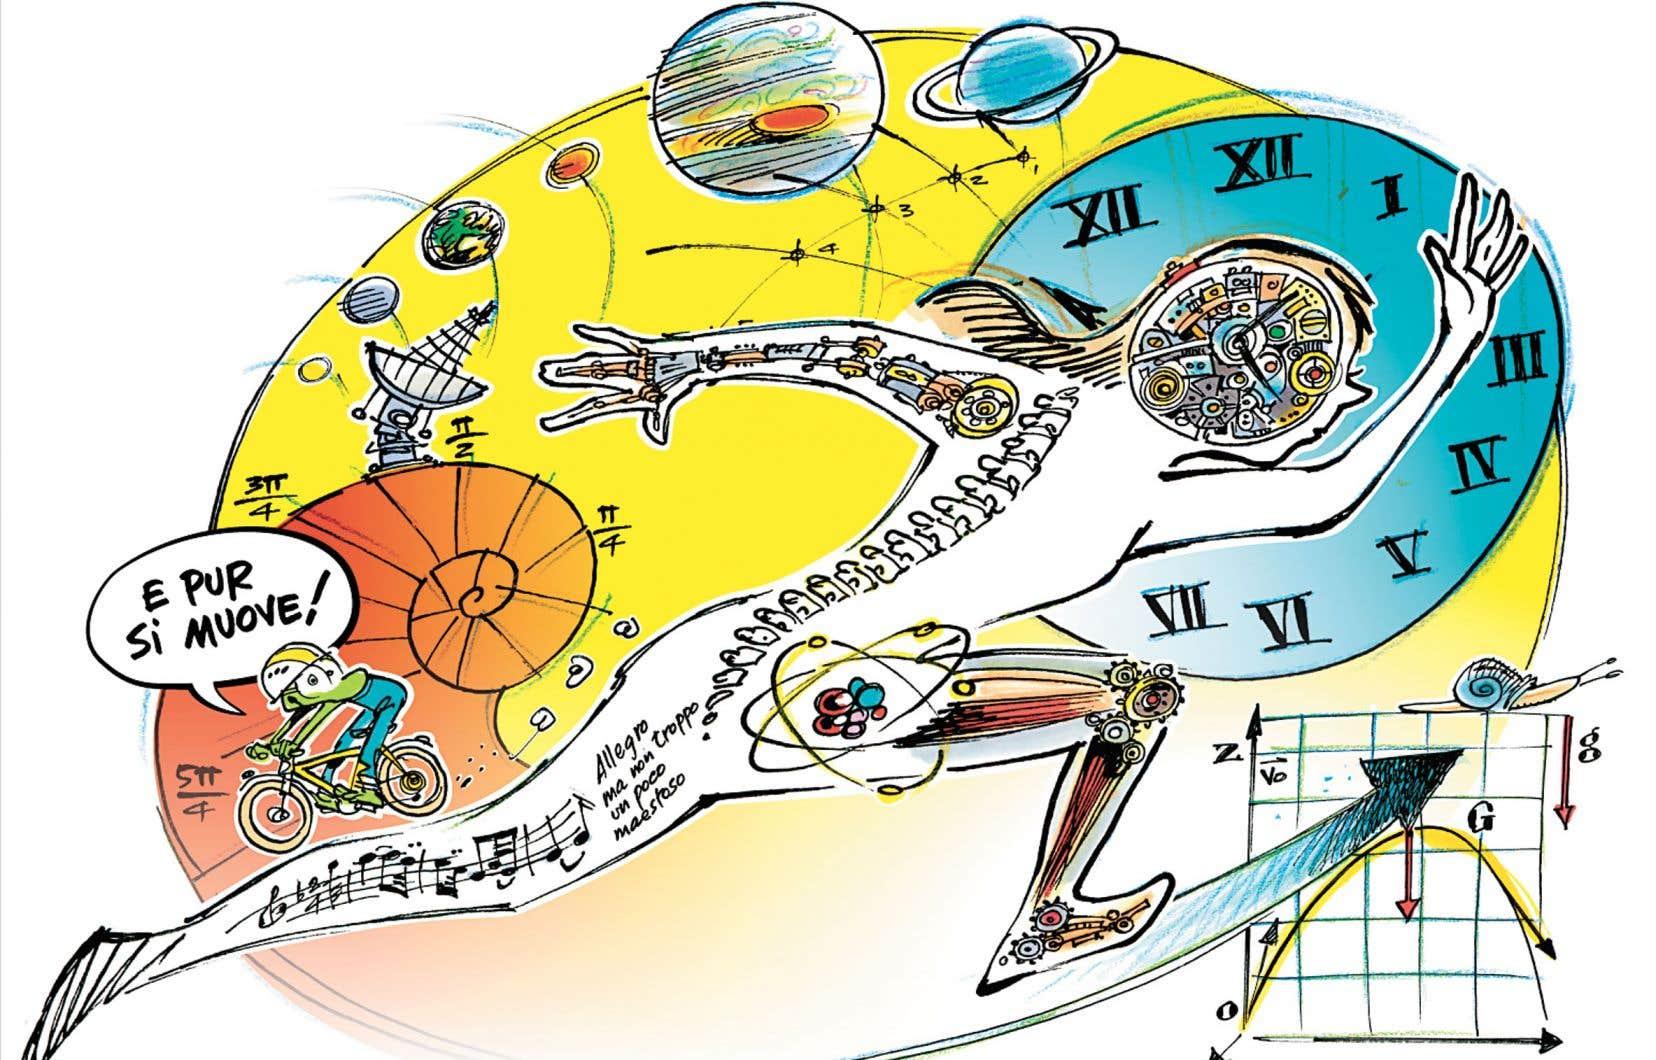 Le 13e festival 24 heures de science se décline sur le thème du mouvement.